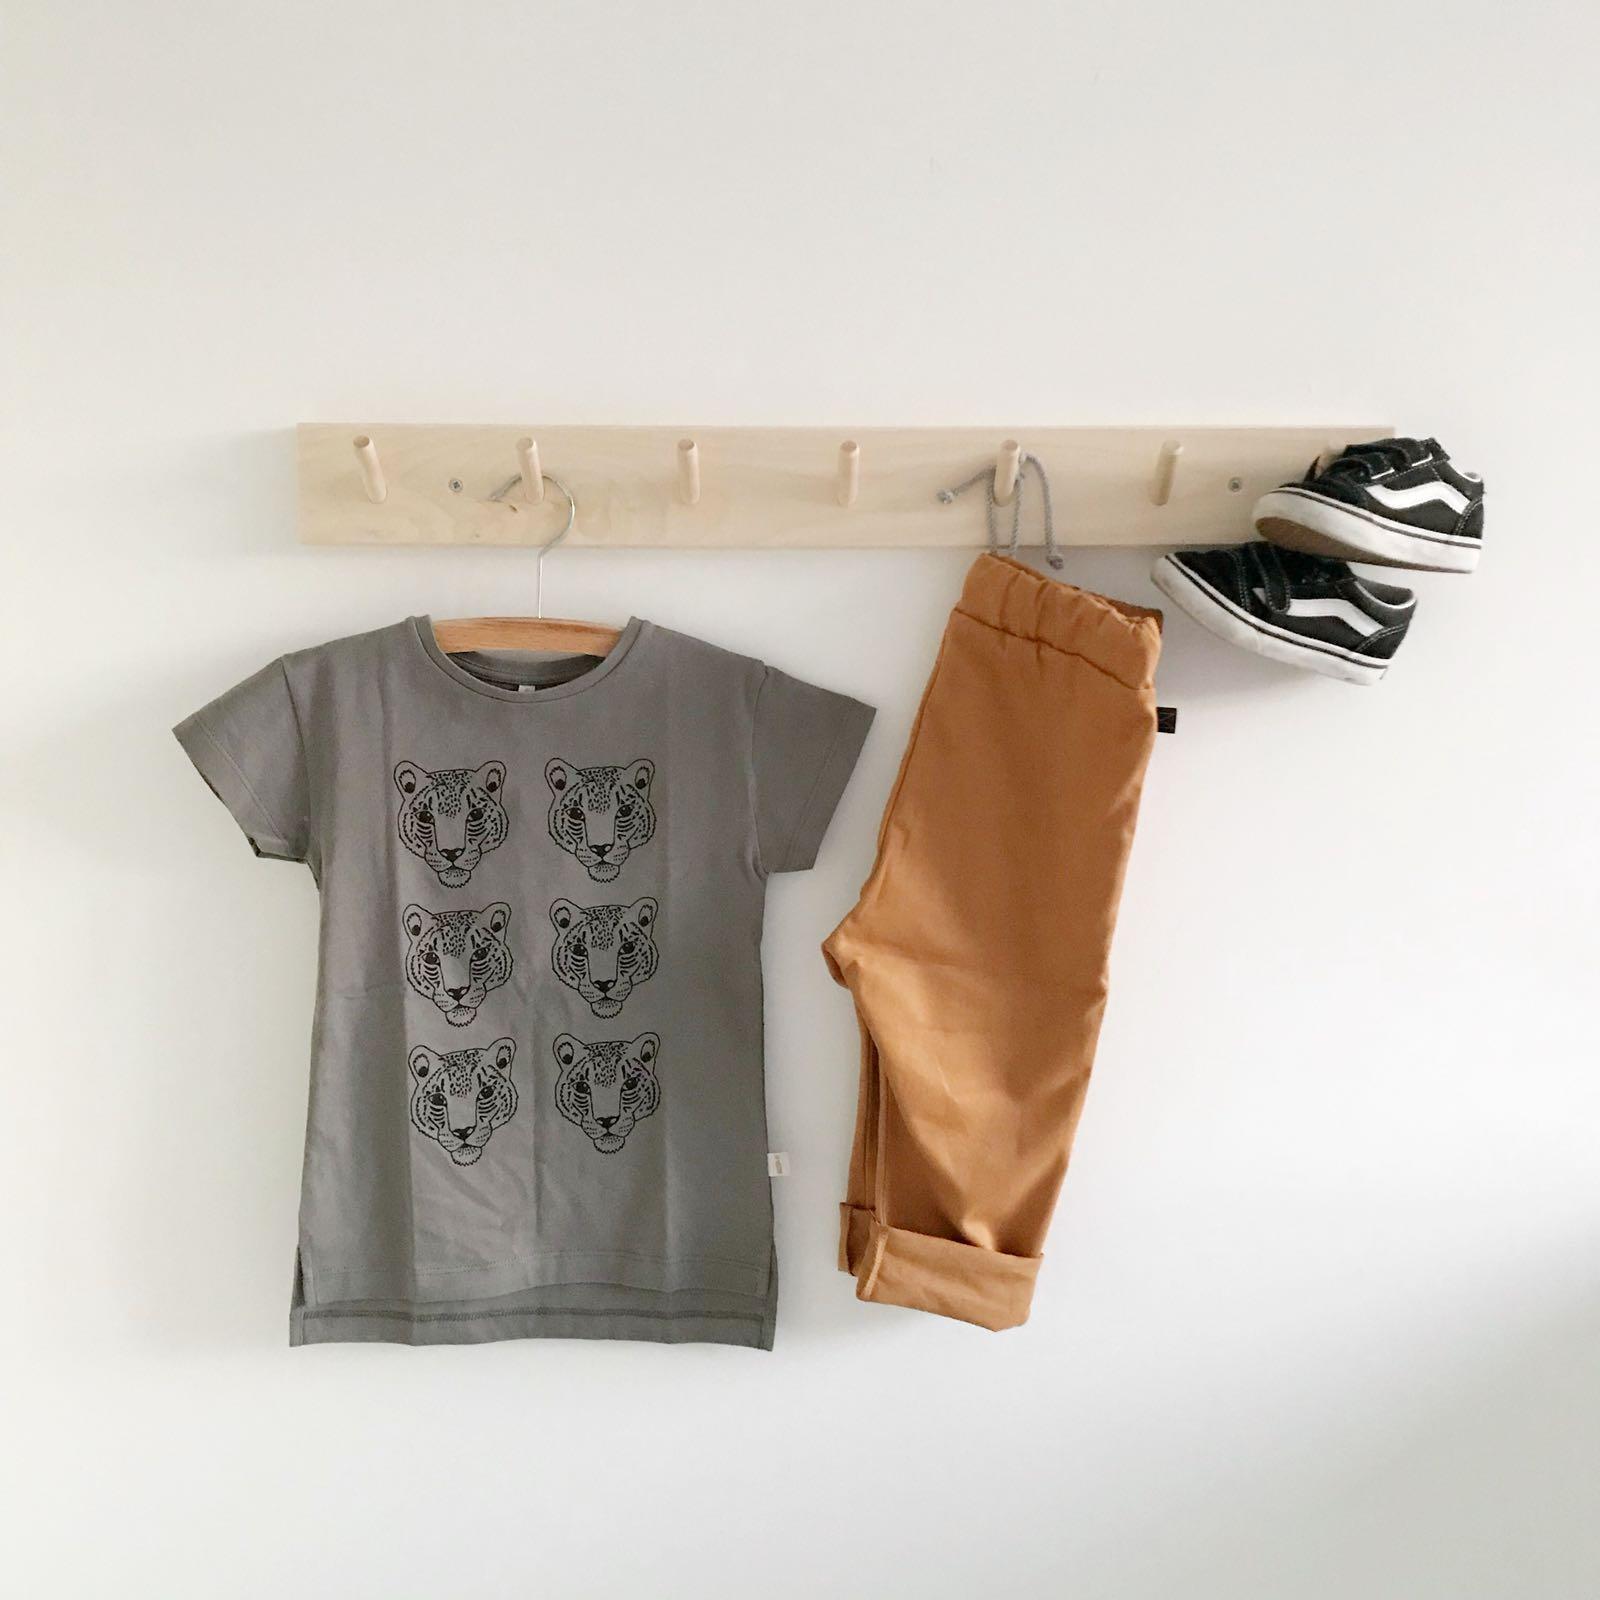 Jongenskleding outfit inspiratie